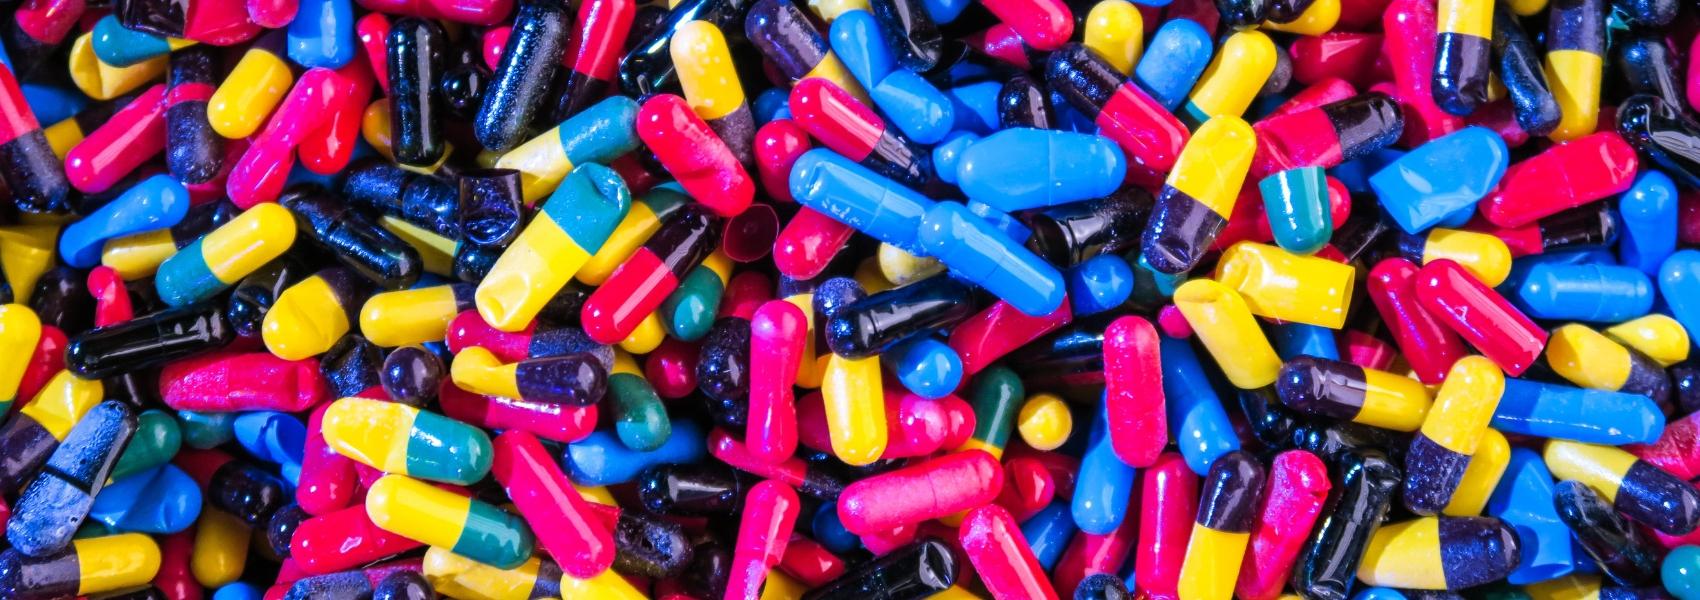 Mais de oito mil medicamentos ilegais apreendidos em Portugal numa semana